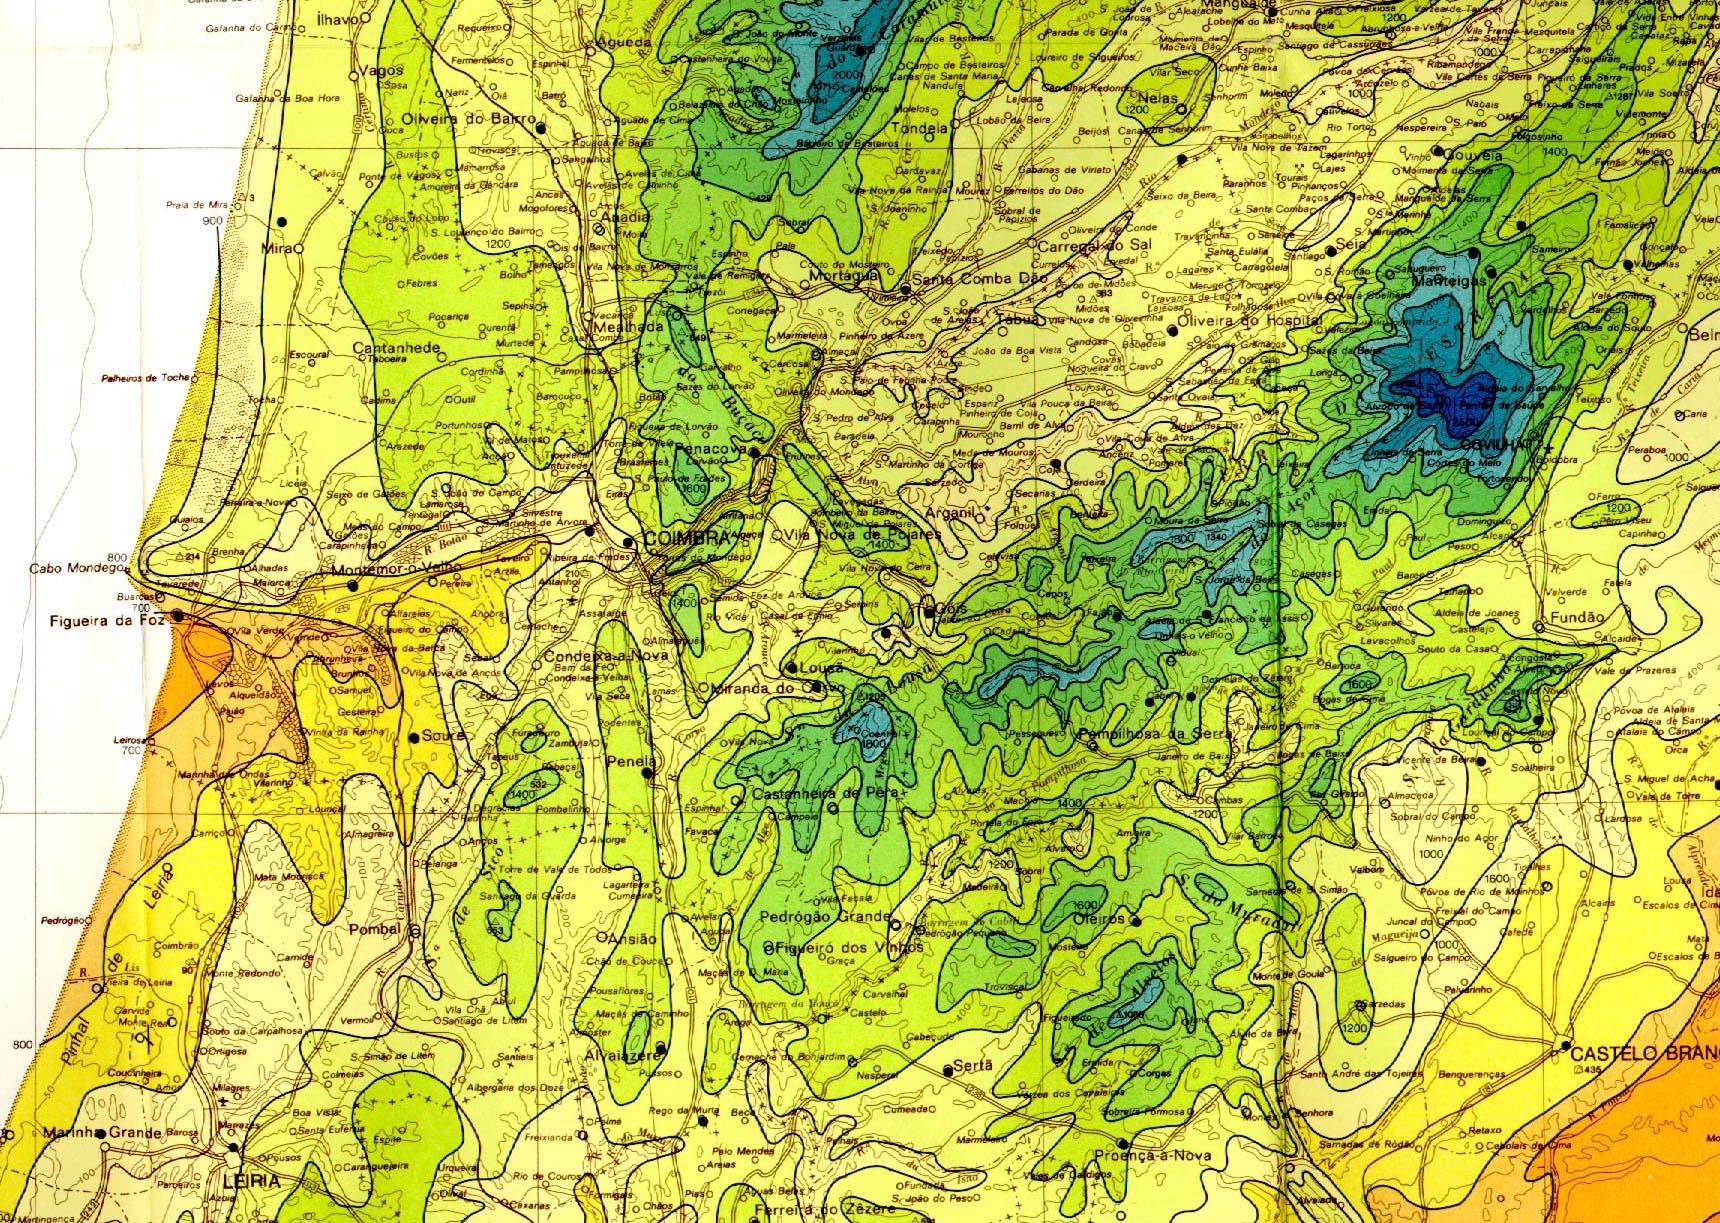 mapa de ventos portugal Geografia Física de Portugal mapa de ventos portugal